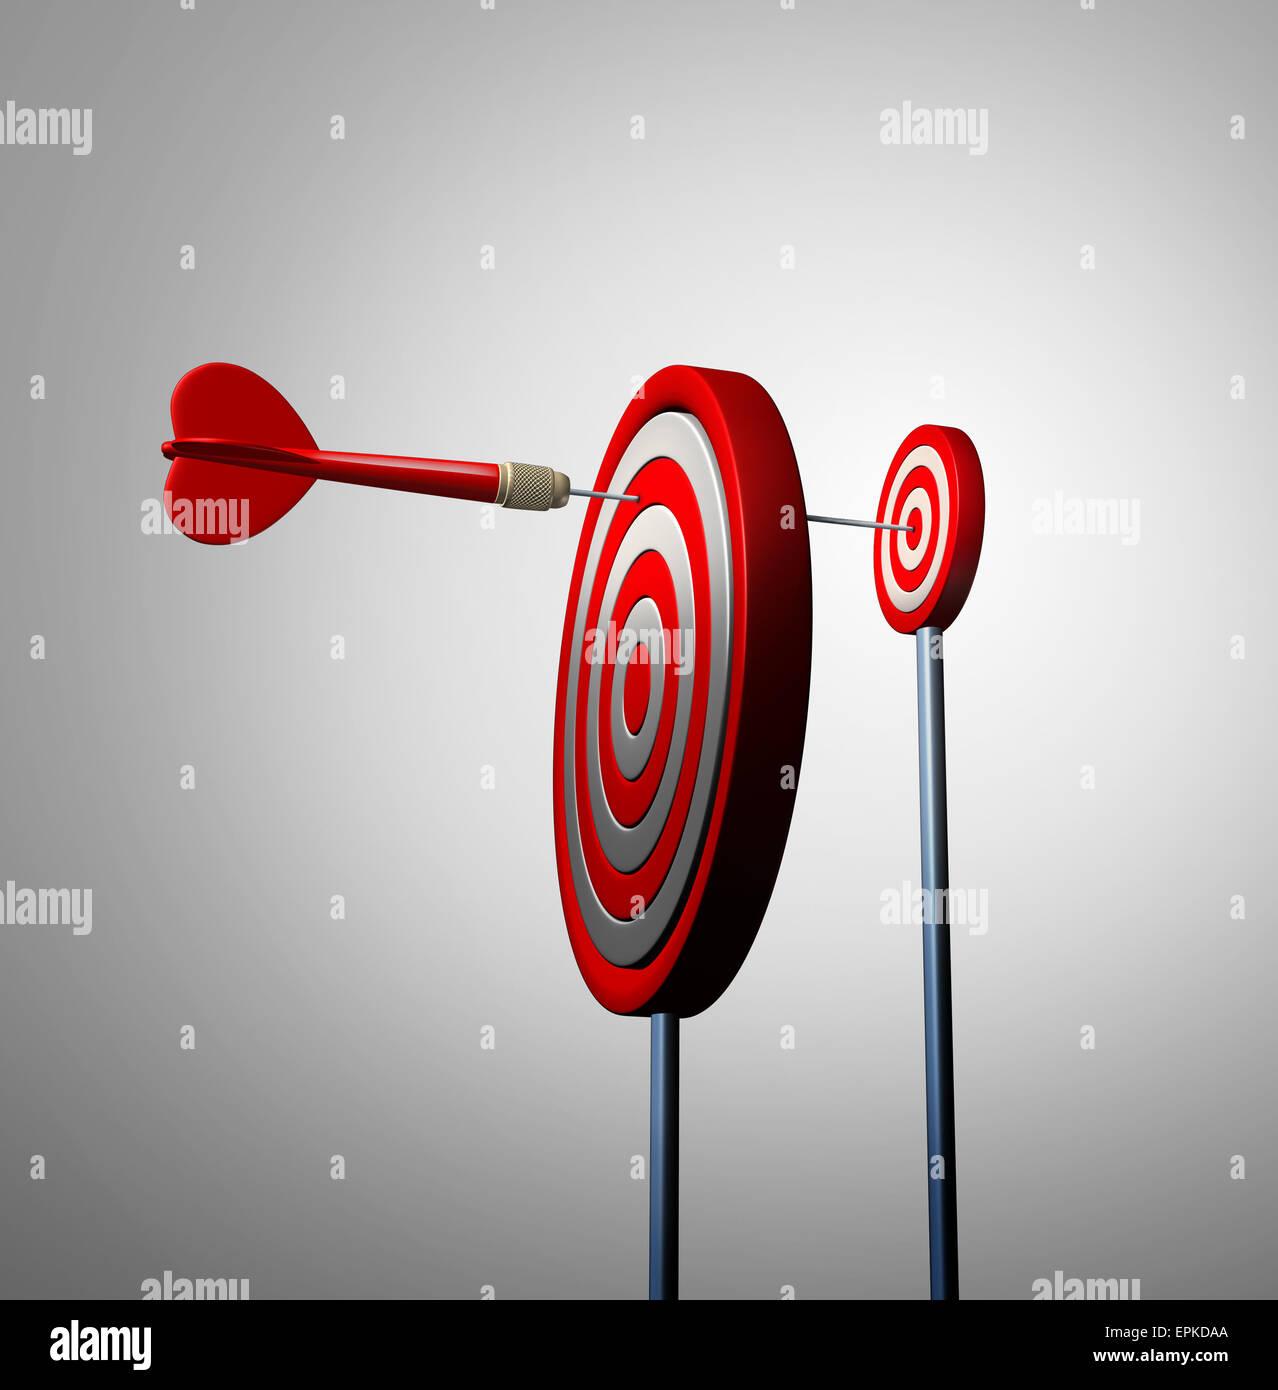 Finden Sie Gelegenheit aus Sicht und verborgenen Möglichkeiten Geschäftskonzept als einen roten Pfeil Stockbild